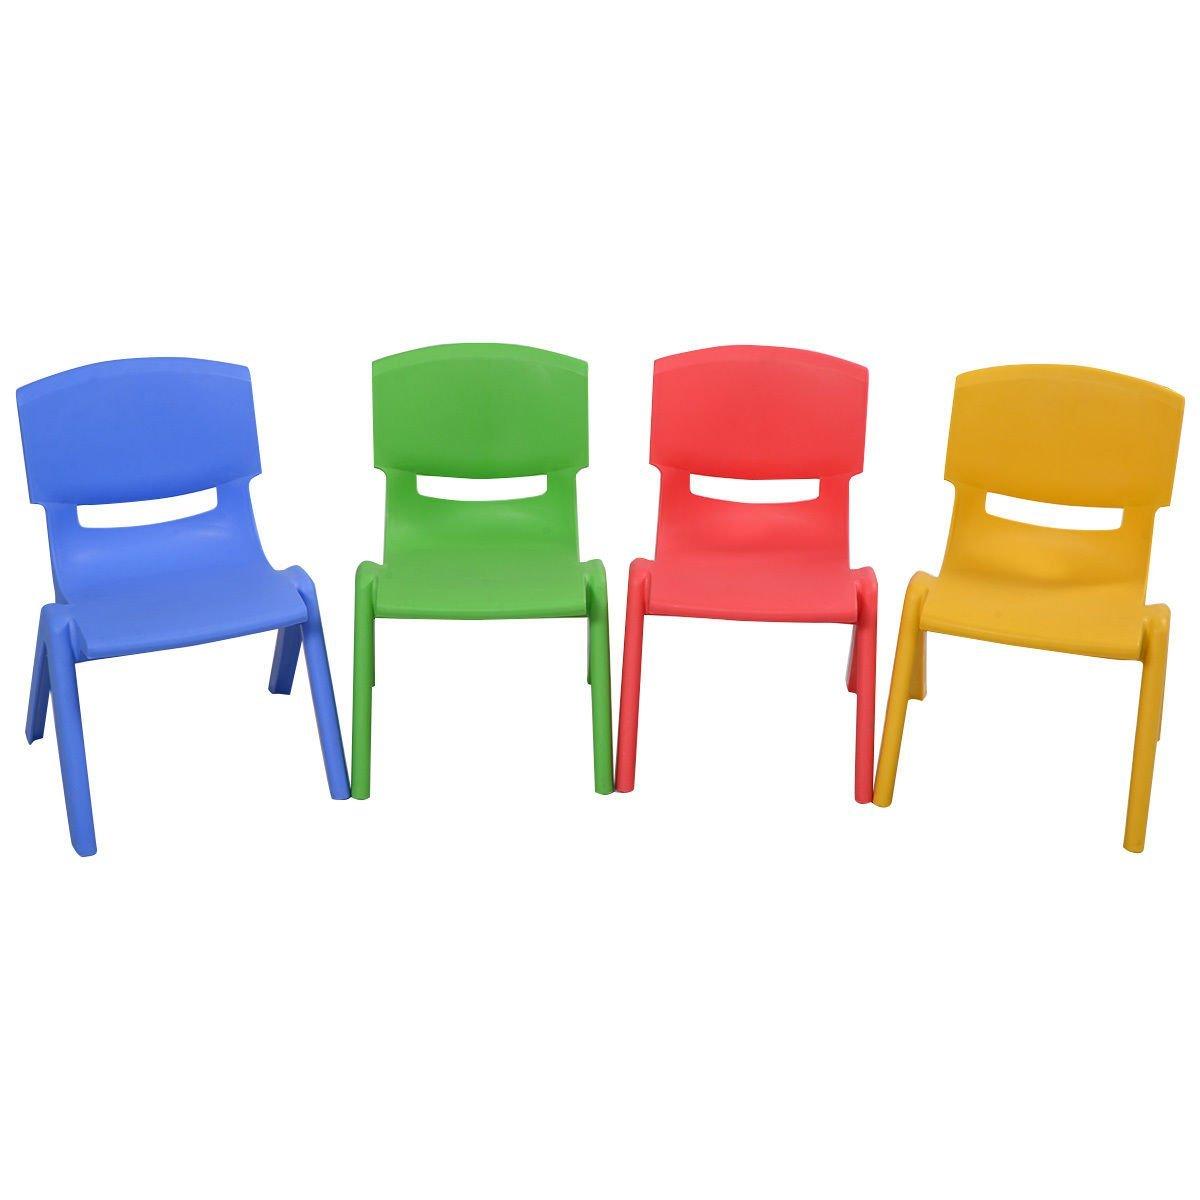 كرسي بلاستيك ارتفاع 26 سم